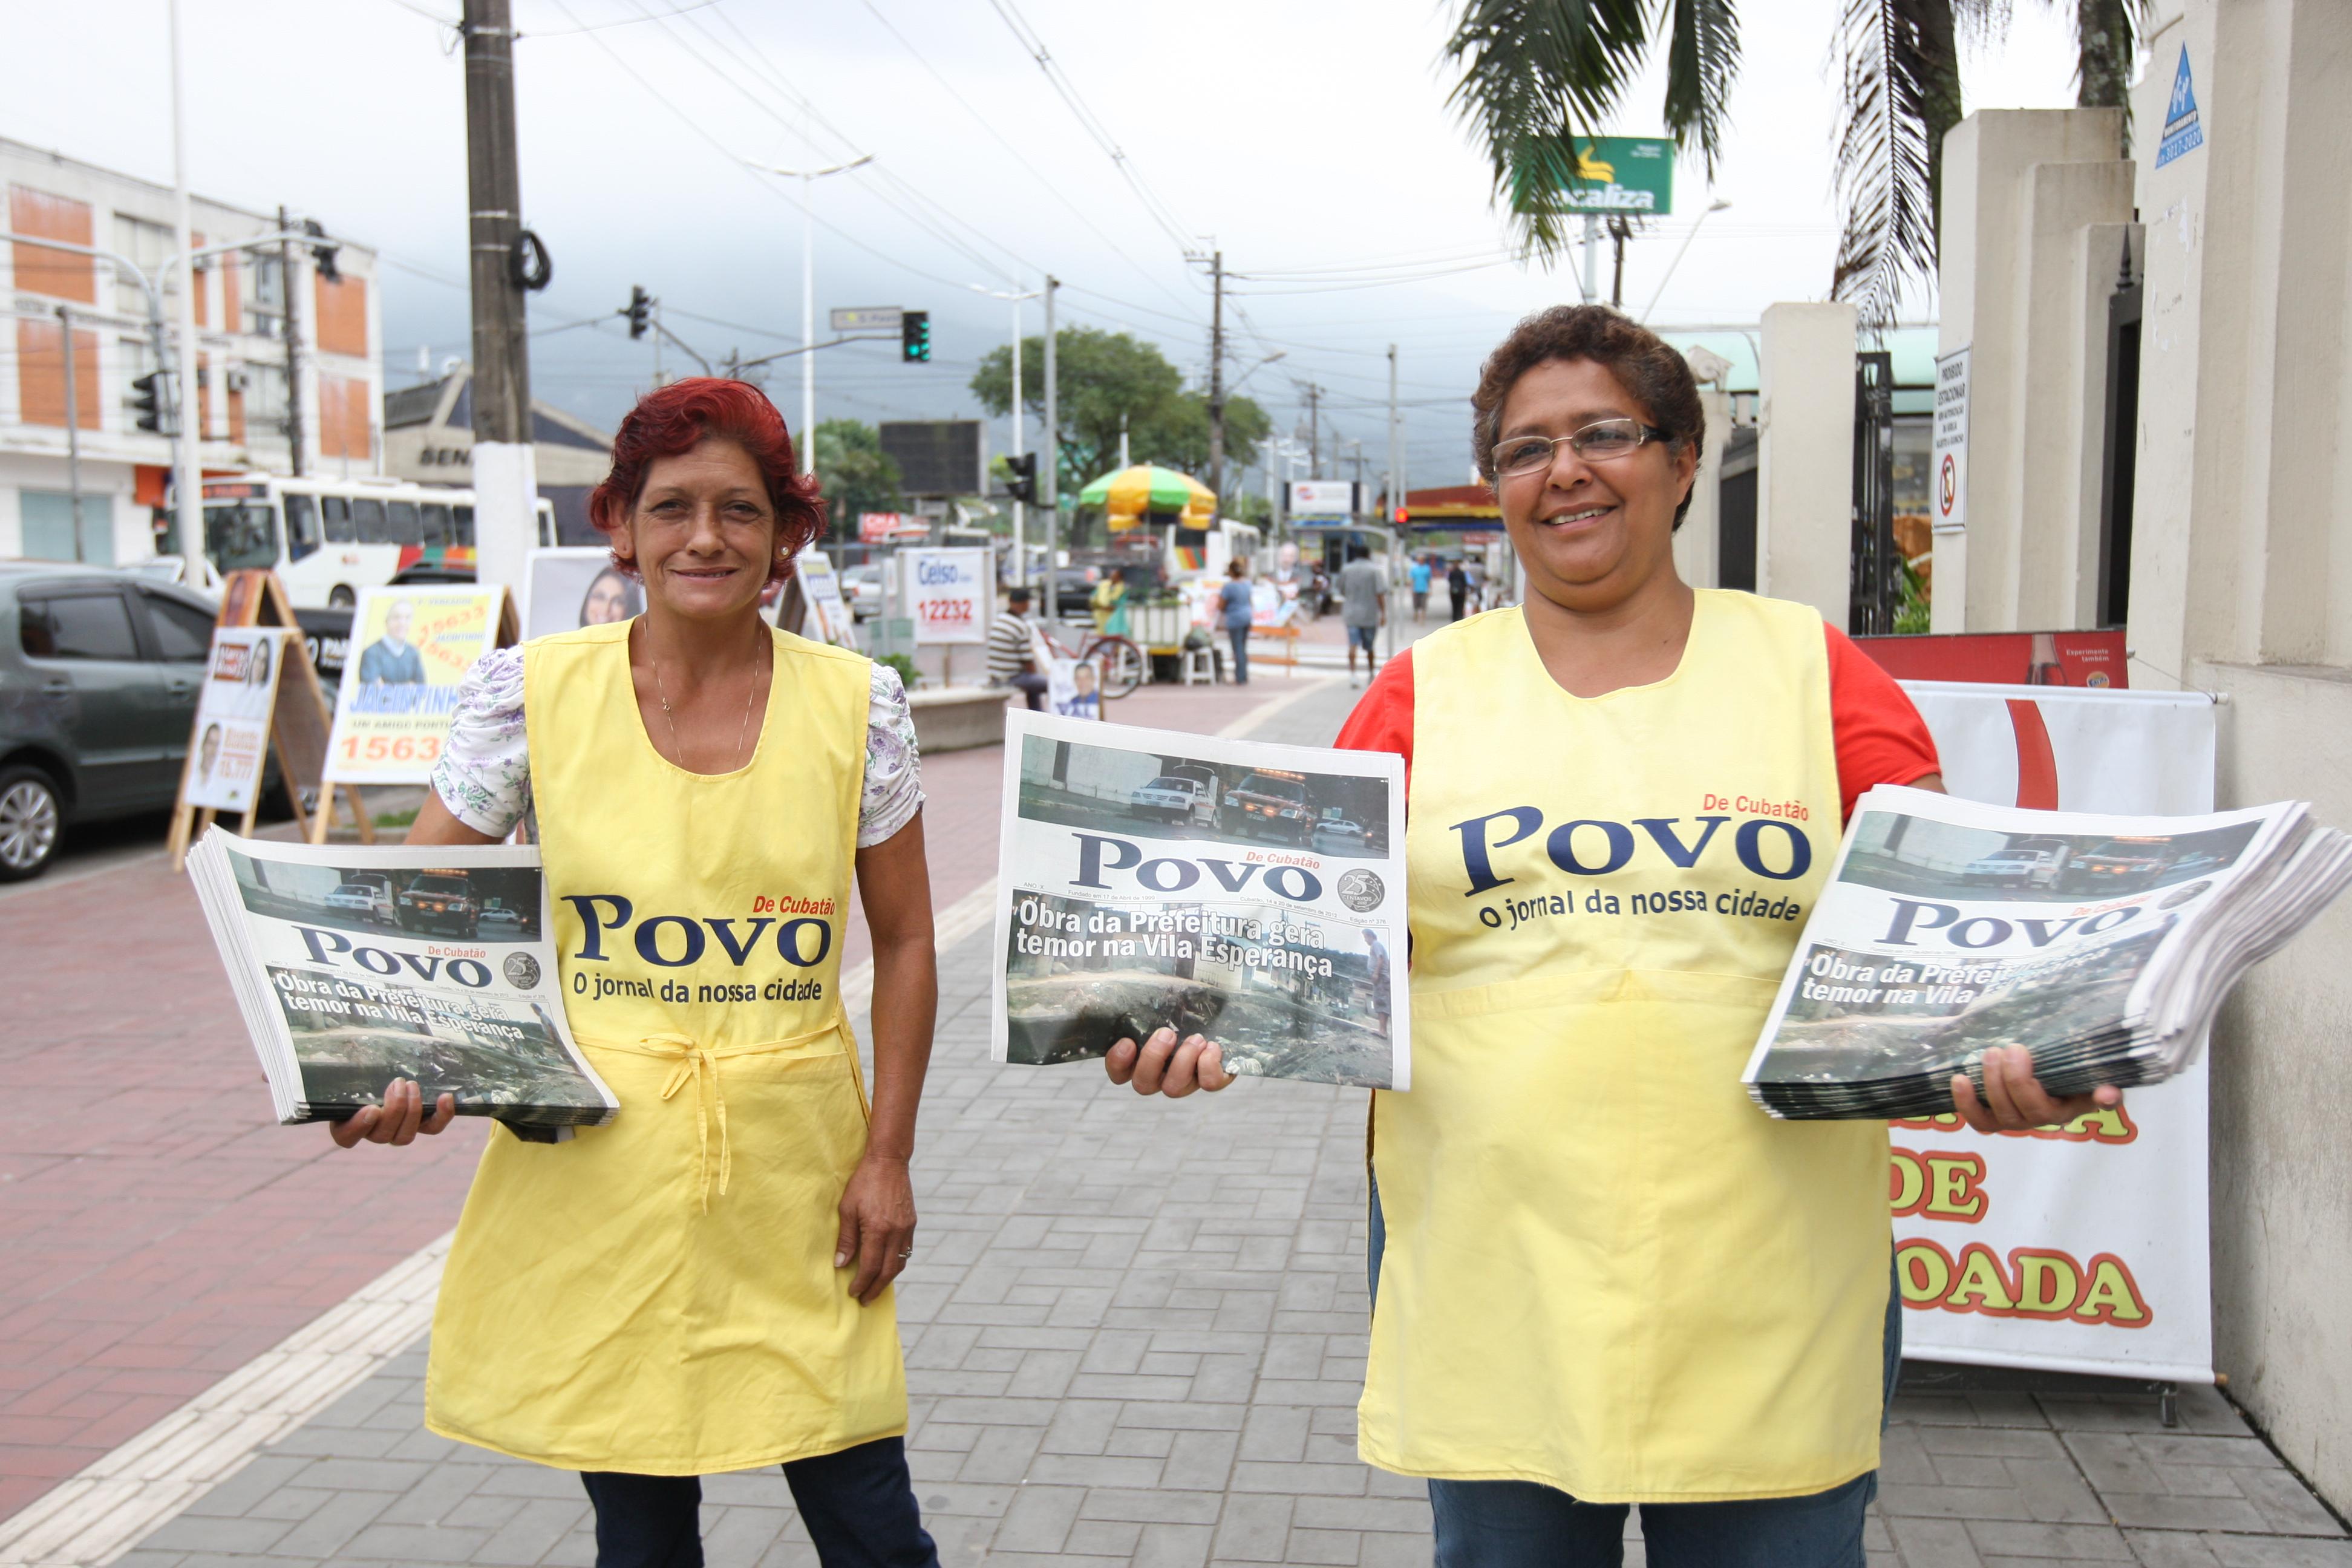 Jornal tradicional e influente na cidade de Cubatão